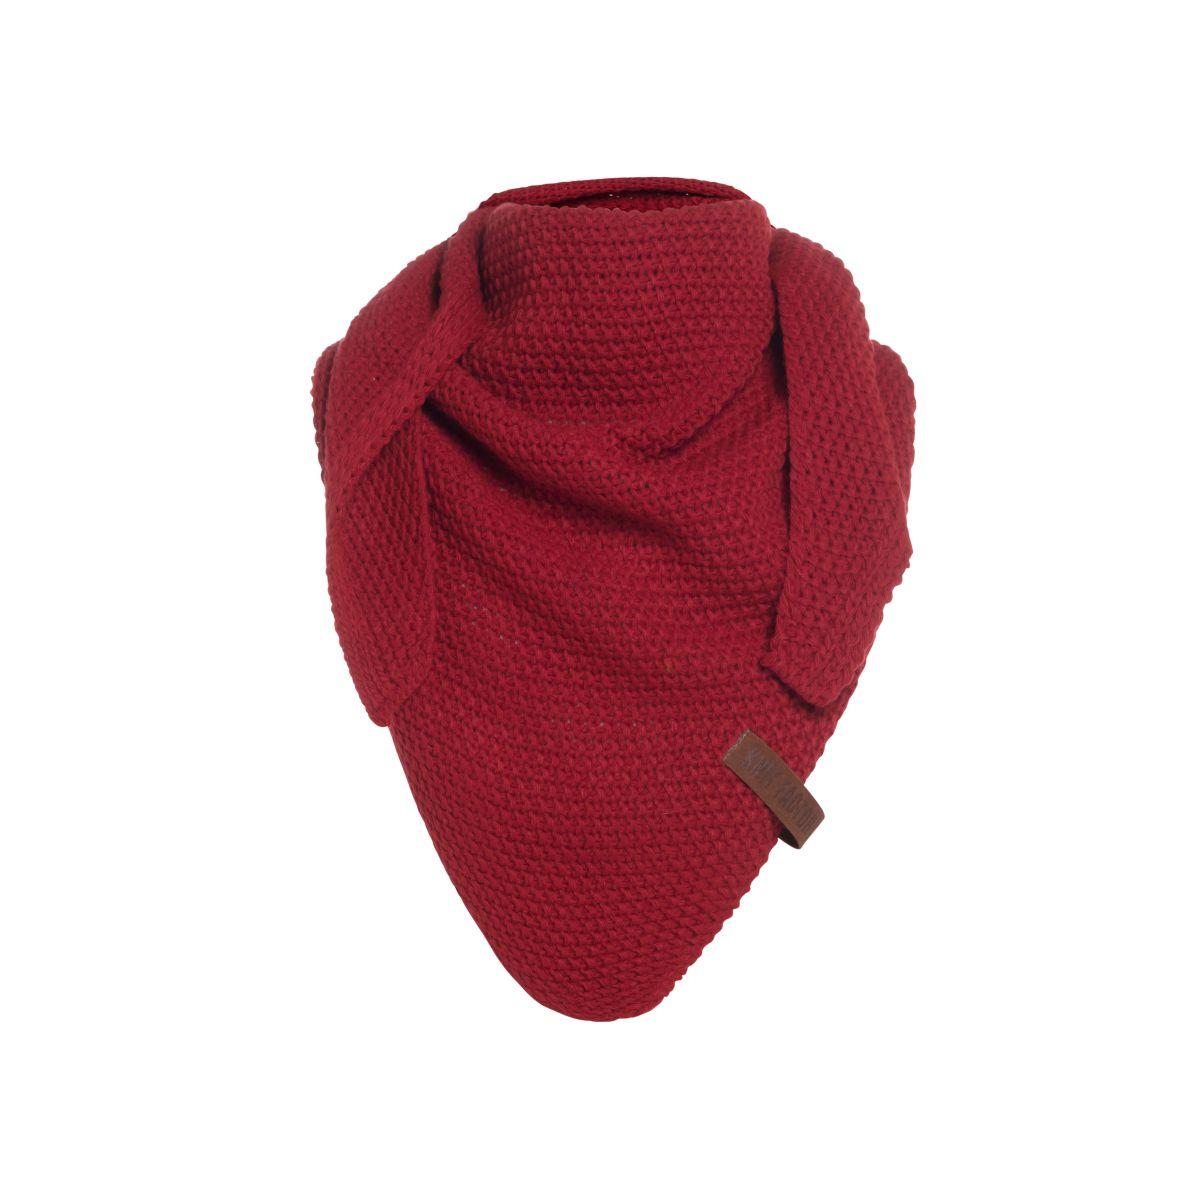 knit factory 1205903 coco omslagdoek junior bordeaux 1